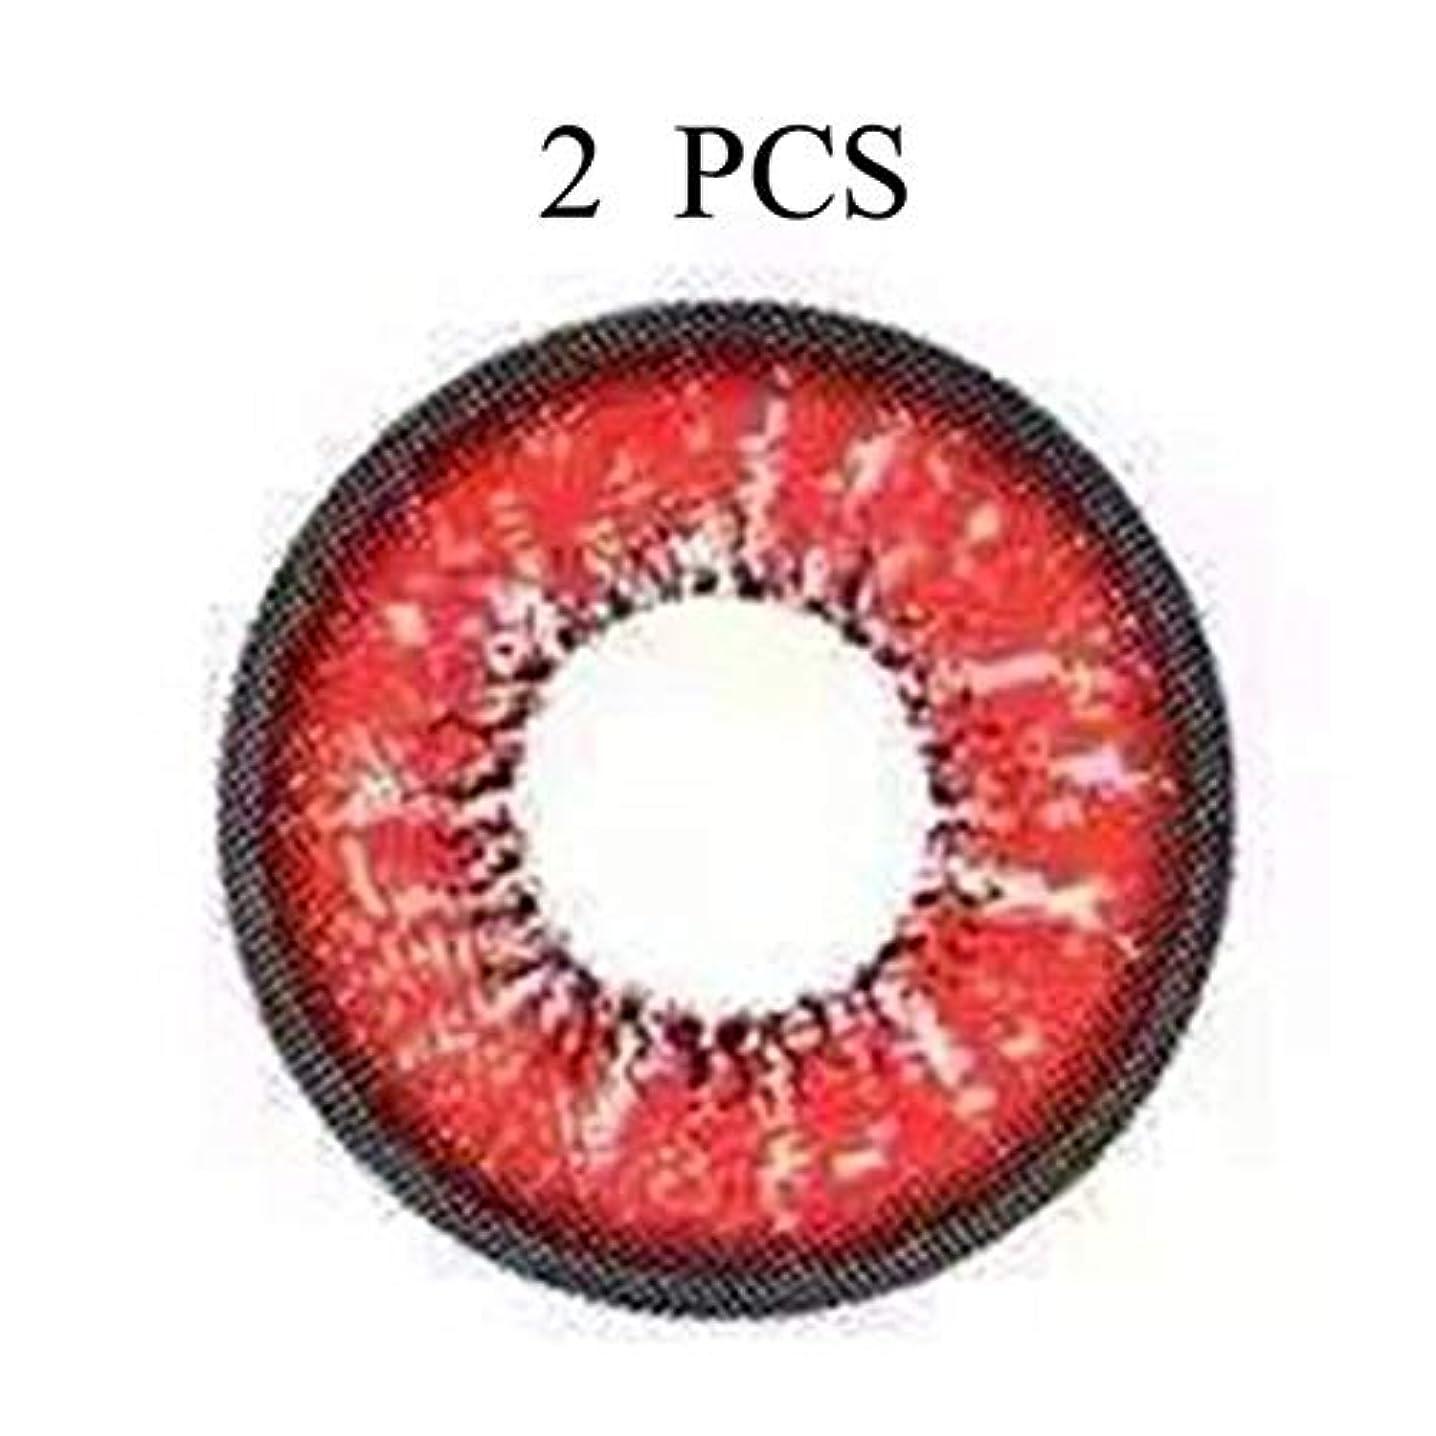 限られた苗不誠実CZHIYU 一つのペア/セットチャーミング目ユニセックス色付きの円ビッグアイビューティーコンタクトレンズ化粧品美容ツールコンタクトレンズアイウェア (Color : Red)